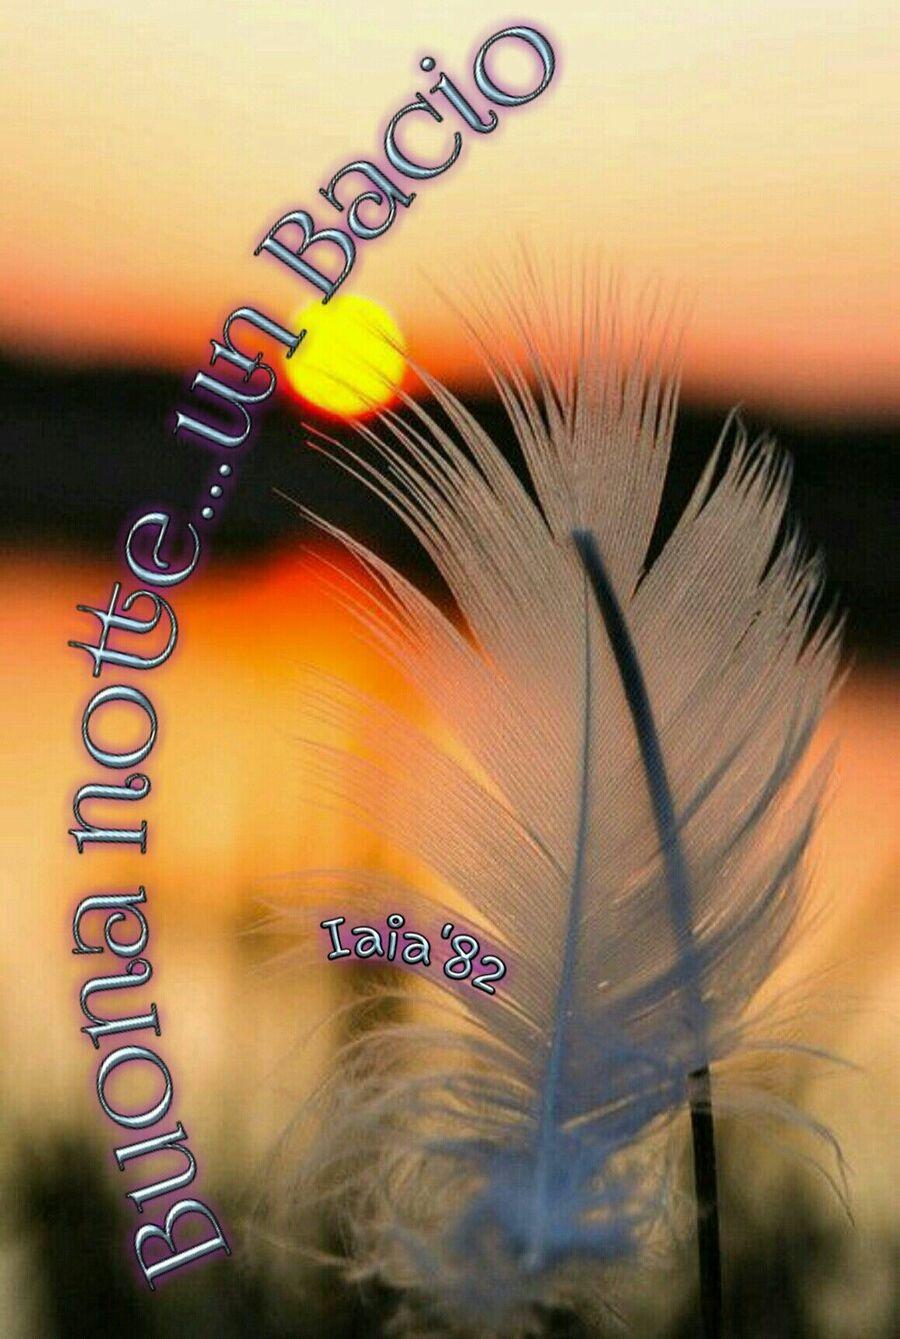 buonanotte-immagini-nuove-02243